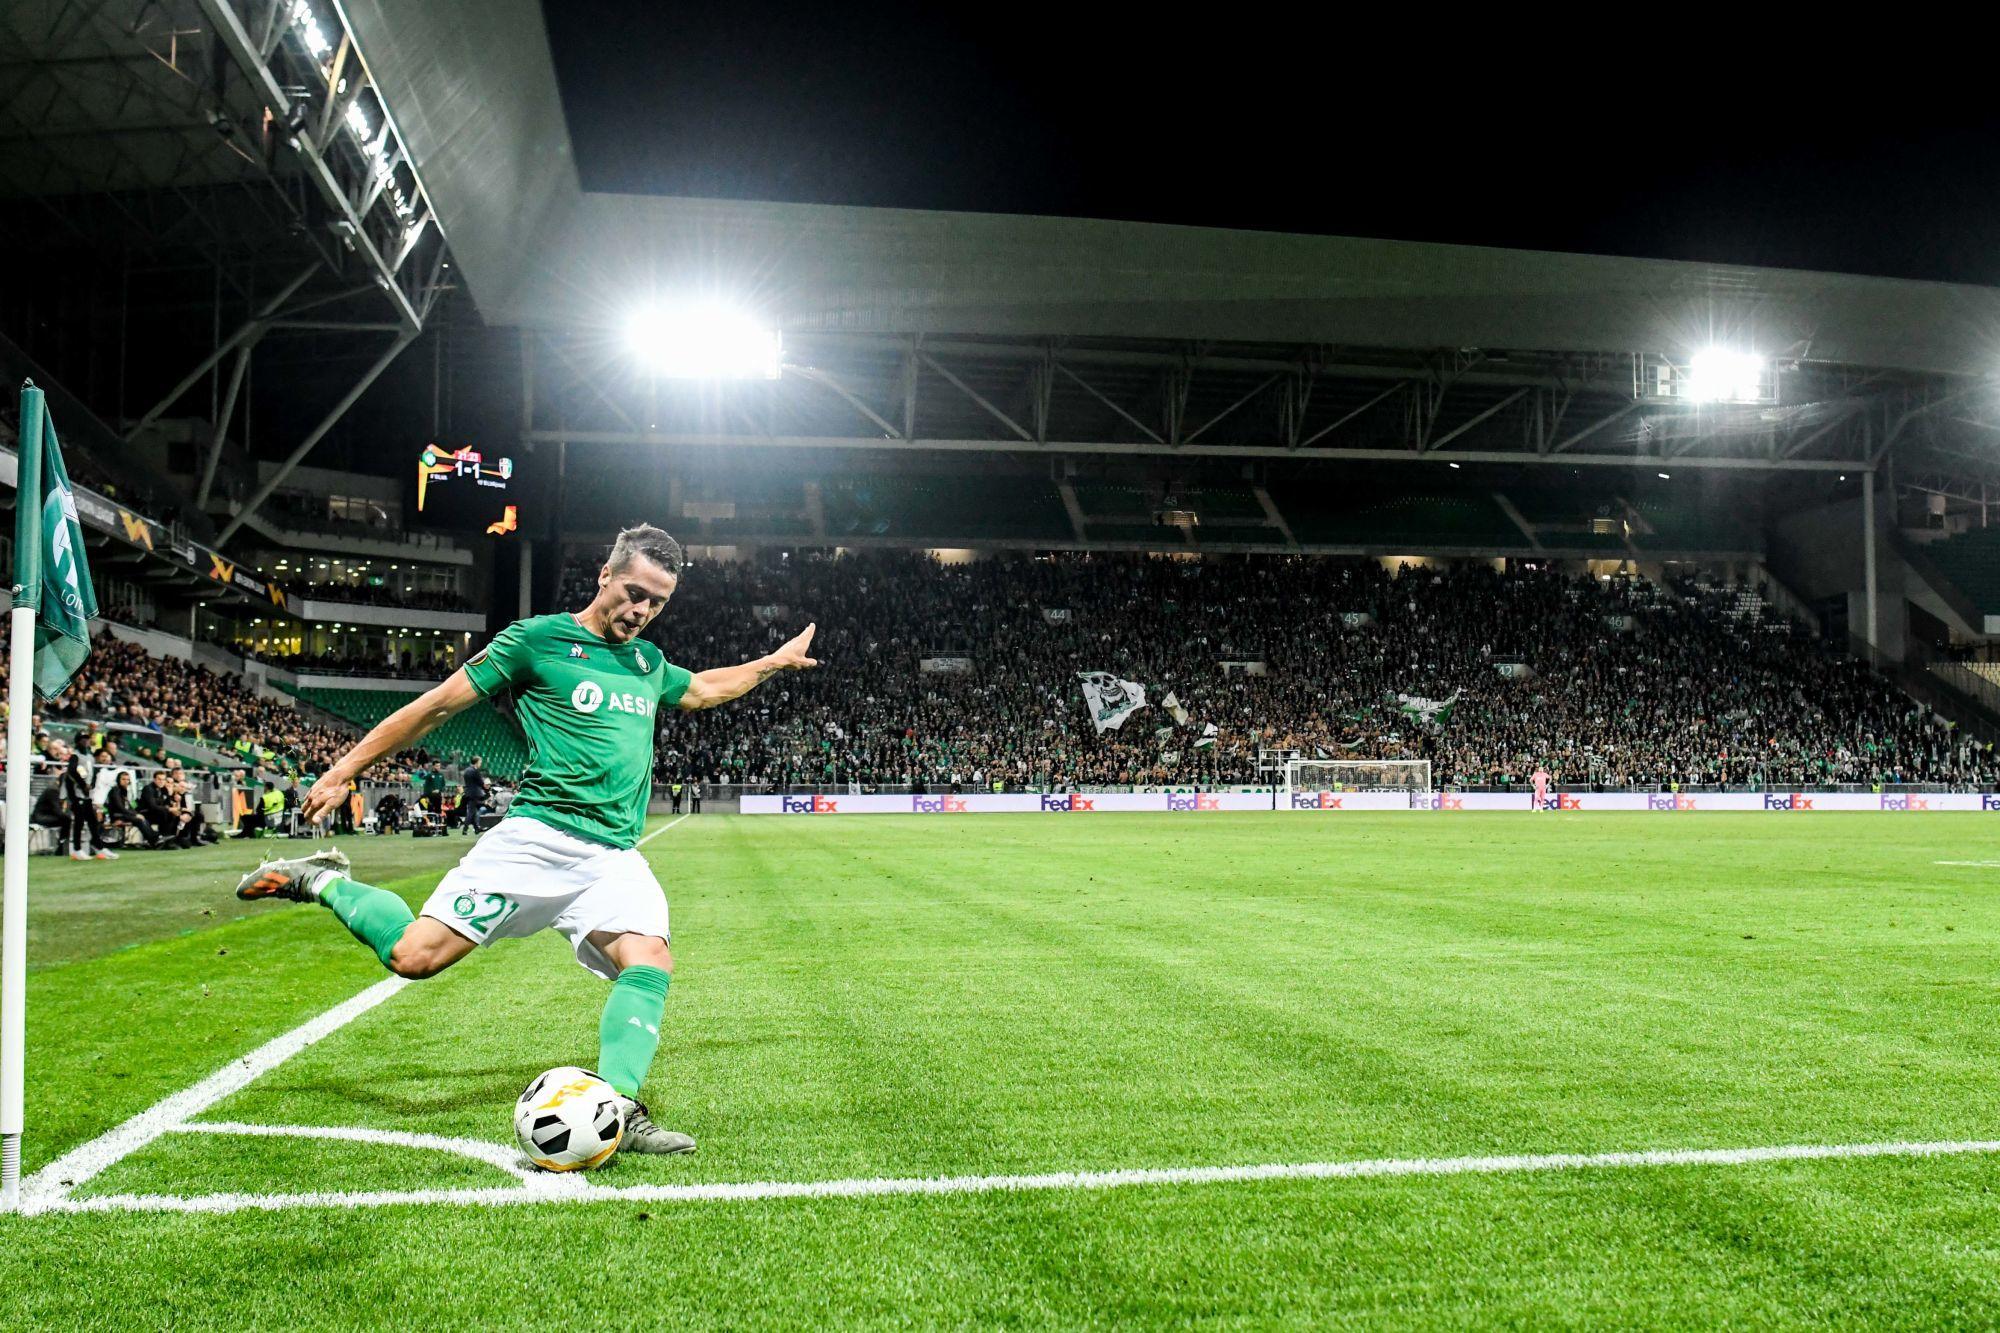 Saint-Étienne en pôle pour accueillir la finale de la Ligue Europa en 2022-2023 !